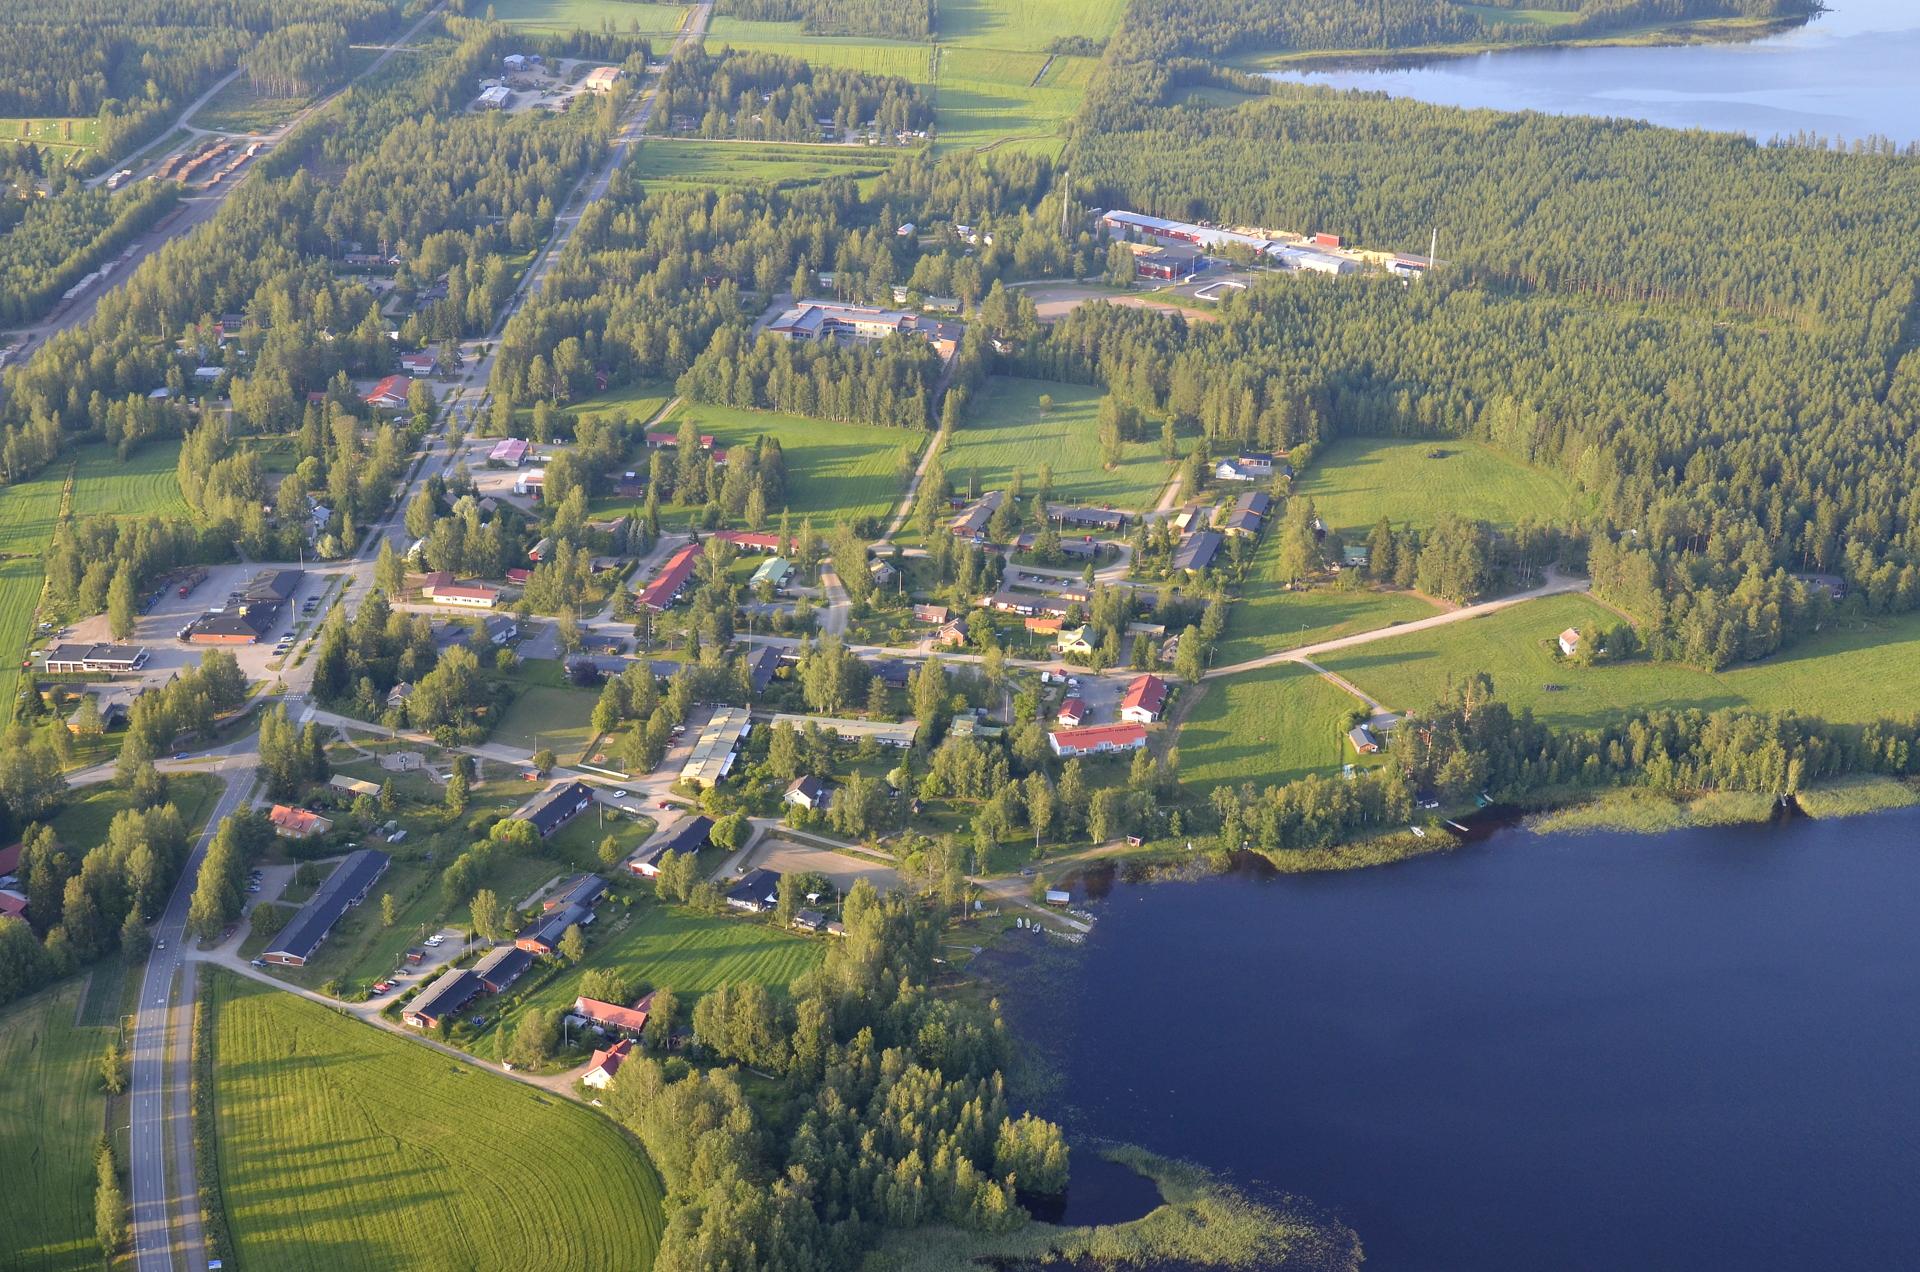 Syväjärvi oikealla alhaalla, ylempänä Pudasjärvi.